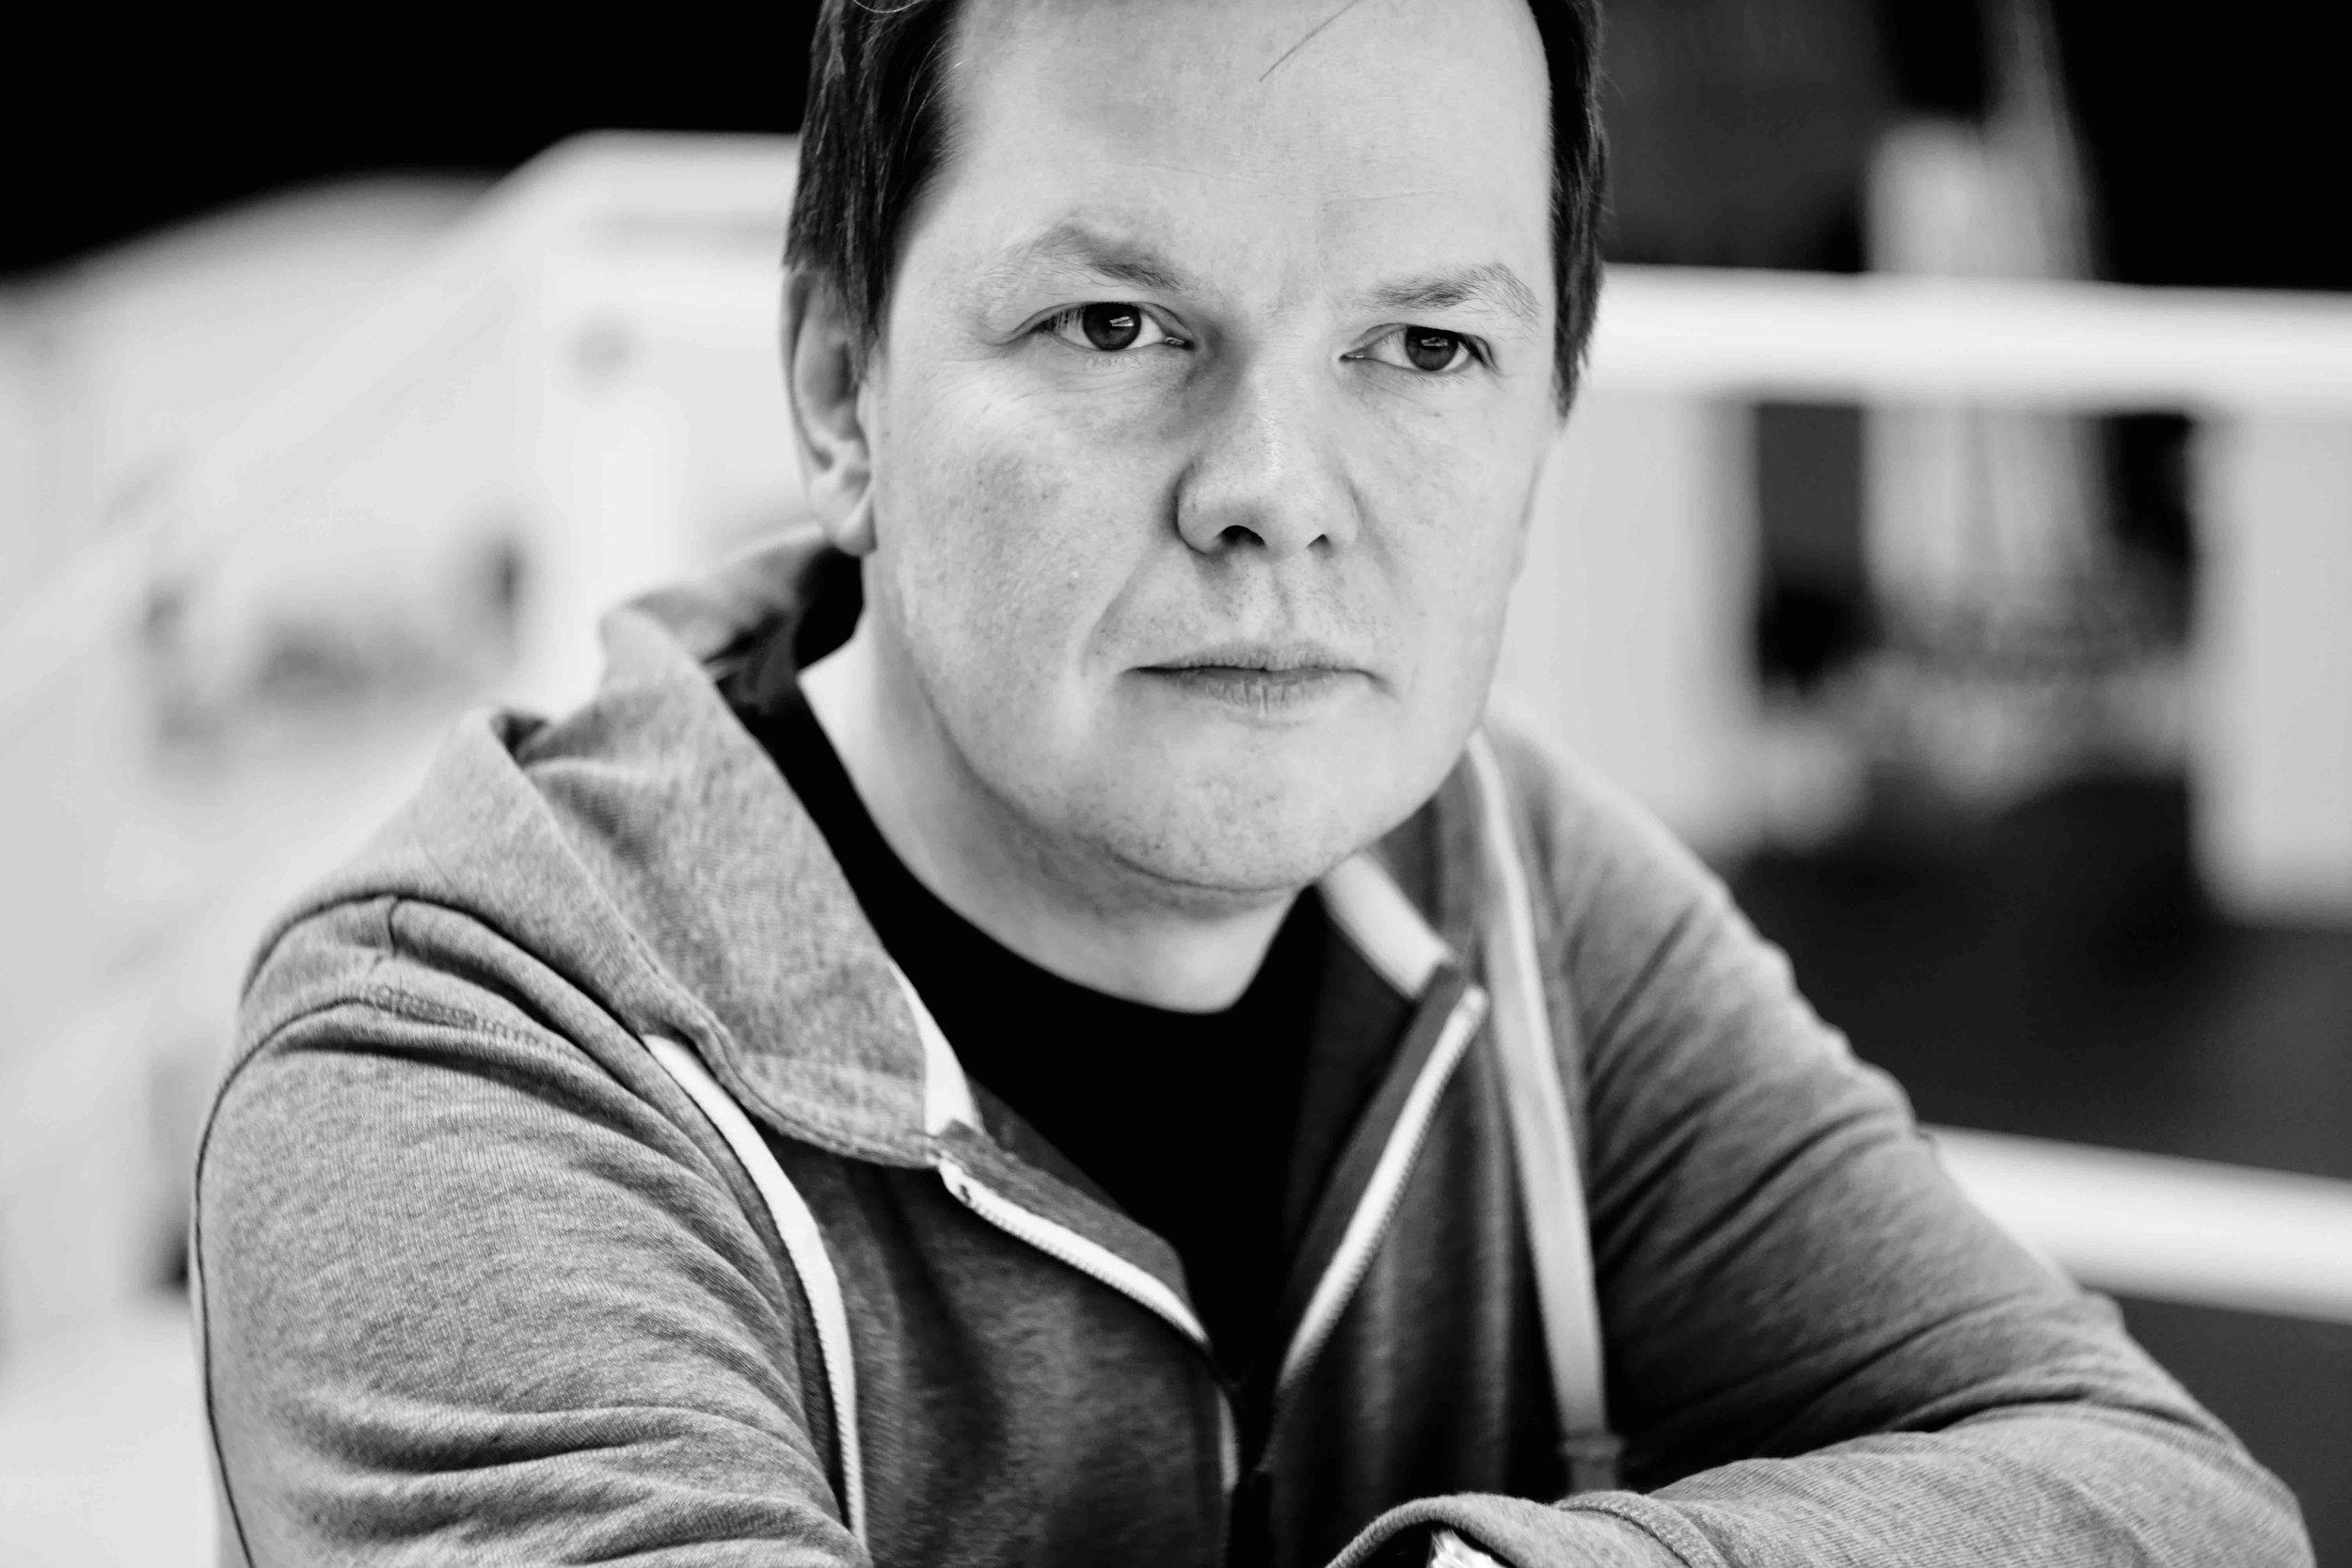 Ola Marius Ryan - er utdannet operasanger og sangpedagog, og har arbeidet som utøvende sanger i mange år. Siden 2016 har han i tillegg vært ansatt i 50% stilling ved musikklærerutdanningen på Nord universitet.